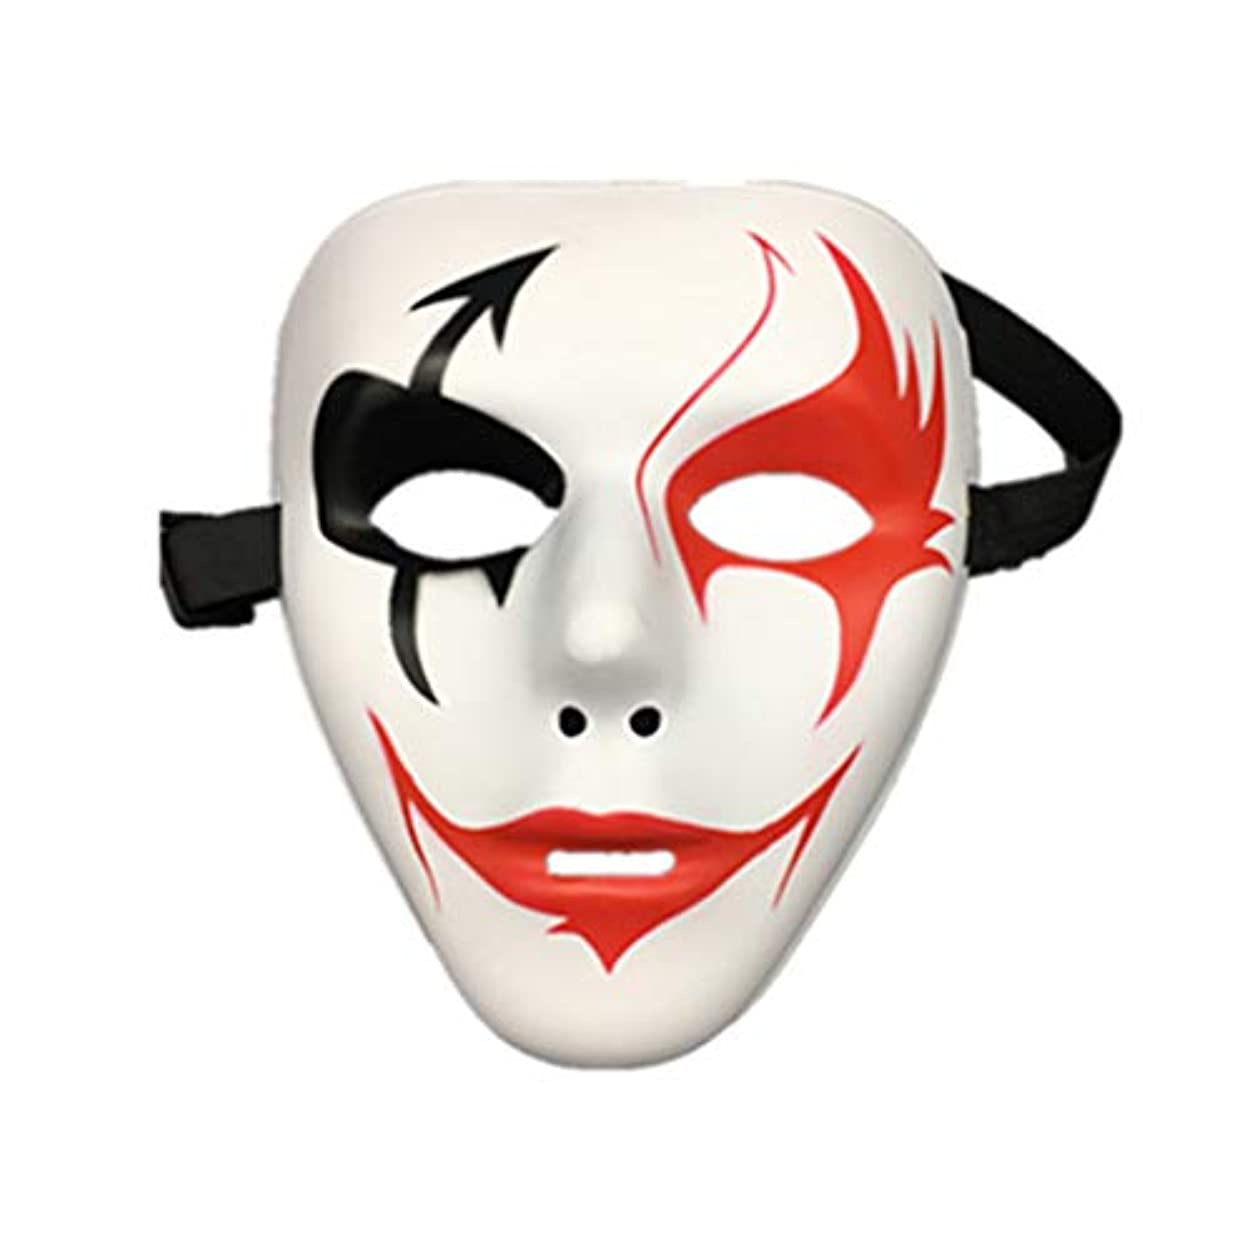 習熟度里親好戦的なハロウィンマスクフルフェイスストリートダンス振動マスク仮装変なマスクダンスマスク